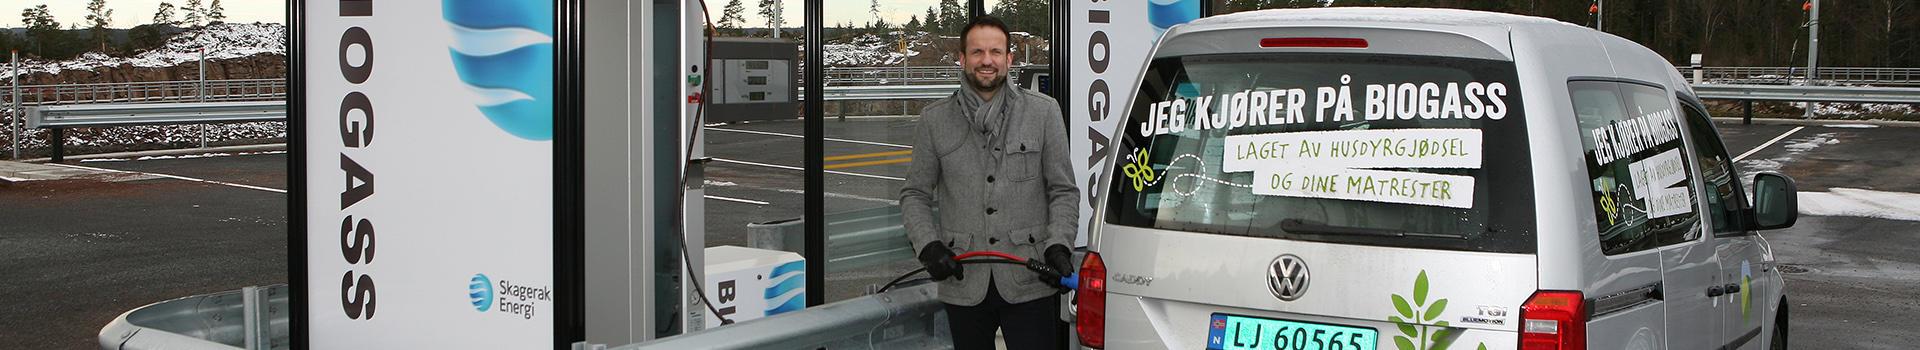 Fylling av biogass på bil